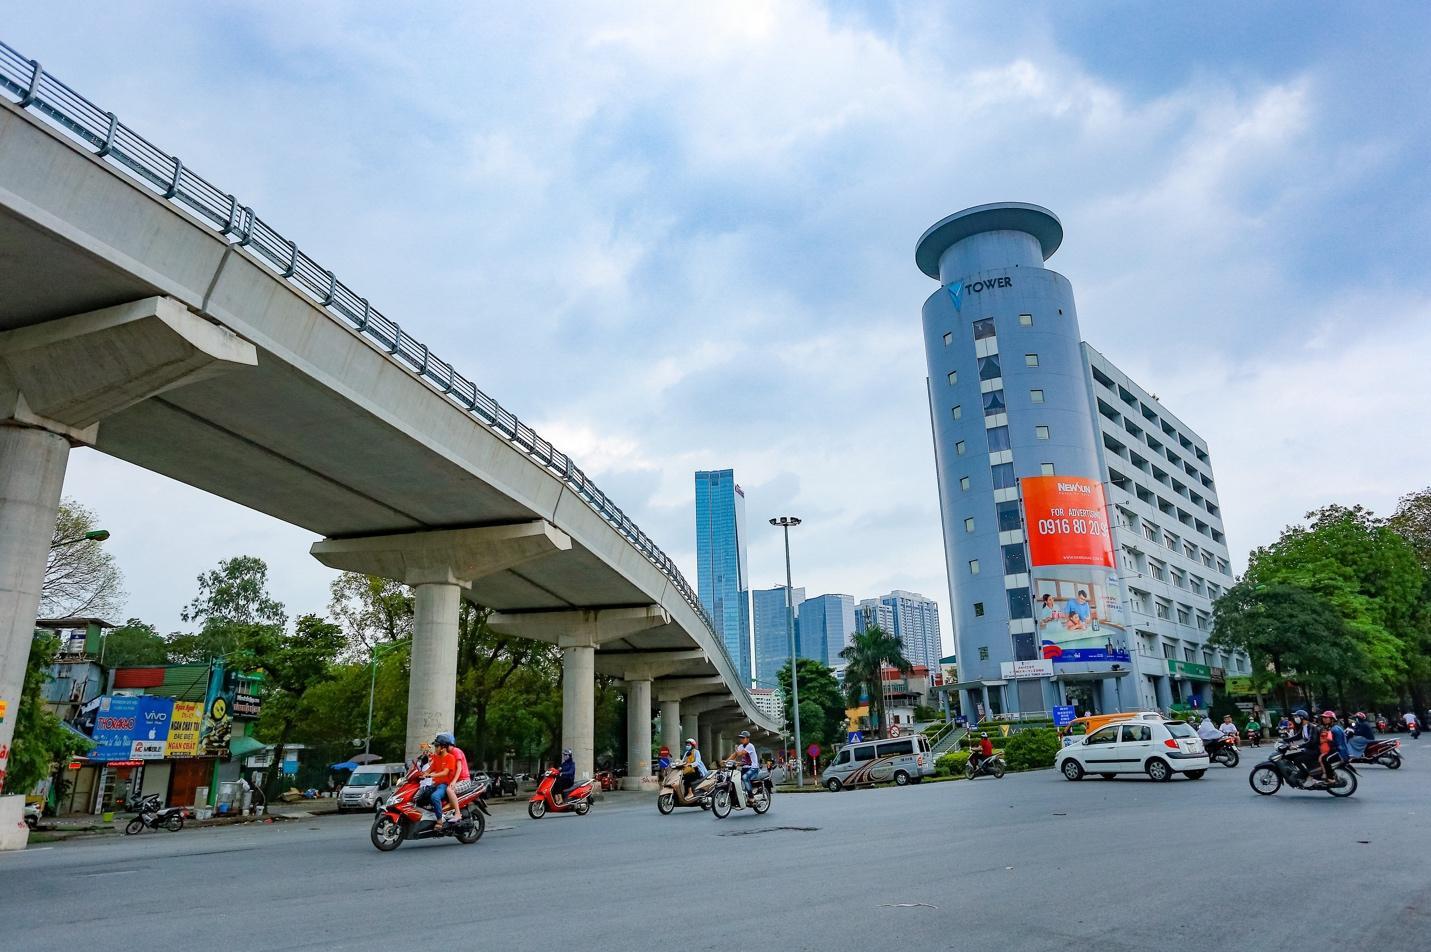 Cận cảnh 5 tuyến đường được mệnh danh đắt nhất hành tinh ở Hà Nội - Ảnh 2.